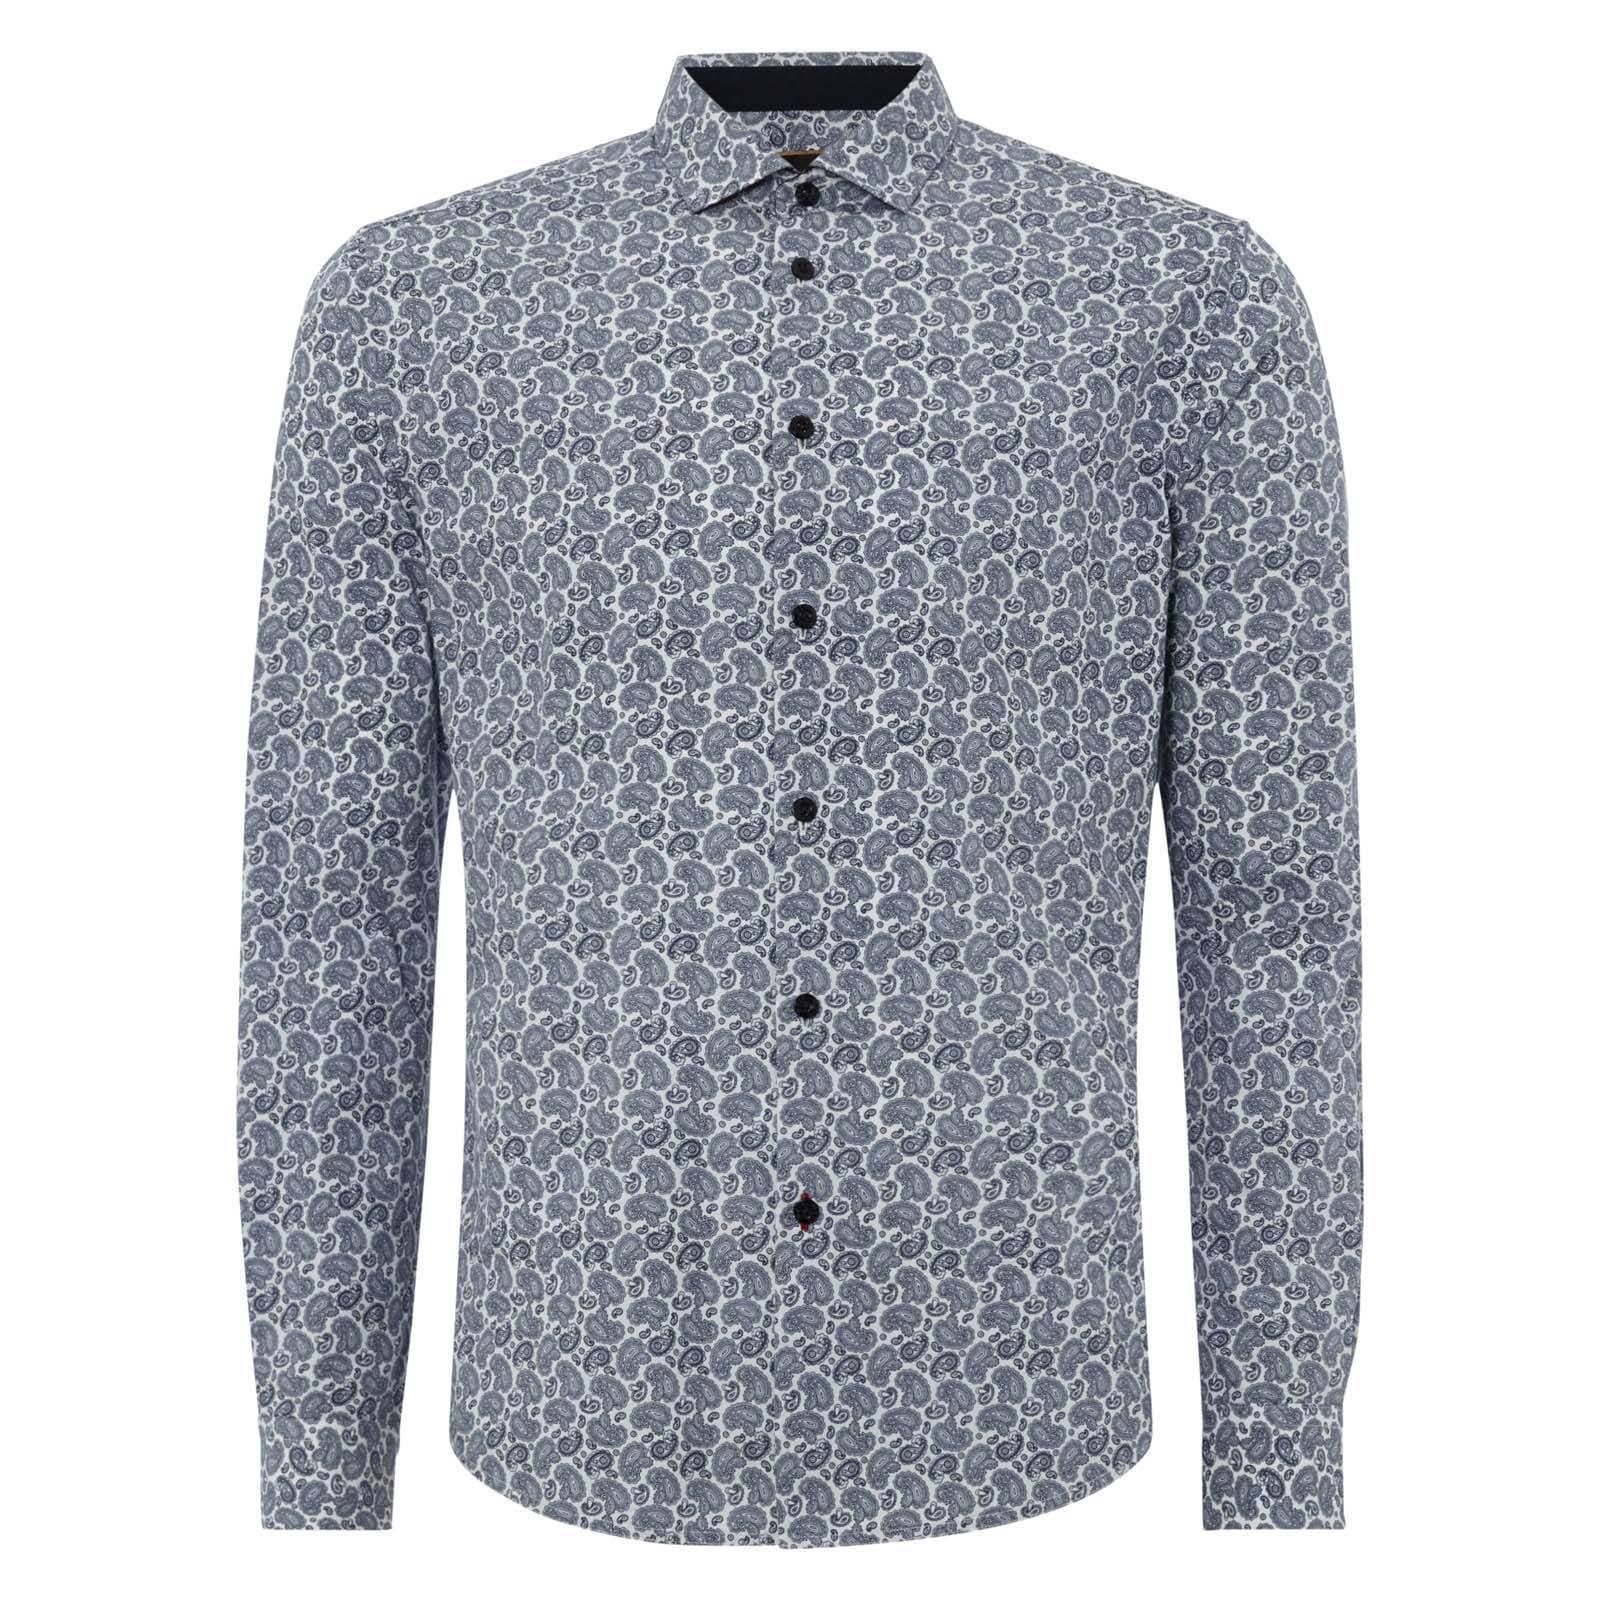 Рубашка SpencerРубашки<br>Приталенная, премиальная рубашка с благородным, классическим для английского стиля узором &amp;amp;quot;пейсли&amp;amp;quot;. Сплошной двутональный принт хорошо подходит для тех, кто предпочитает спокойный &amp;amp;quot;огуречный&amp;amp;quot; орнамент без ярких контрастов. &amp;lt;br /&amp;gt;<br>&amp;lt;br /&amp;gt;<br>Аккуратный, широко разведенный в стороны и практически параллельный полу воротник с заостренными краями делает ее идеальной для сочетания с галстуком-бабочкой. &amp;lt;br /&amp;gt;<br>&amp;lt;br /&amp;gt;<br>Фигурный низ изделия подчеркивает самодостаточность этой модели и возможность ее ношения навыпуск, однако еще более актуально она будет смотреться заправленной в брюки и дополненной кожаным ремнем.<br><br>Артикул: 1514105<br>Материал: 100% хлопок<br>Цвет: синий<br>Пол: Мужской